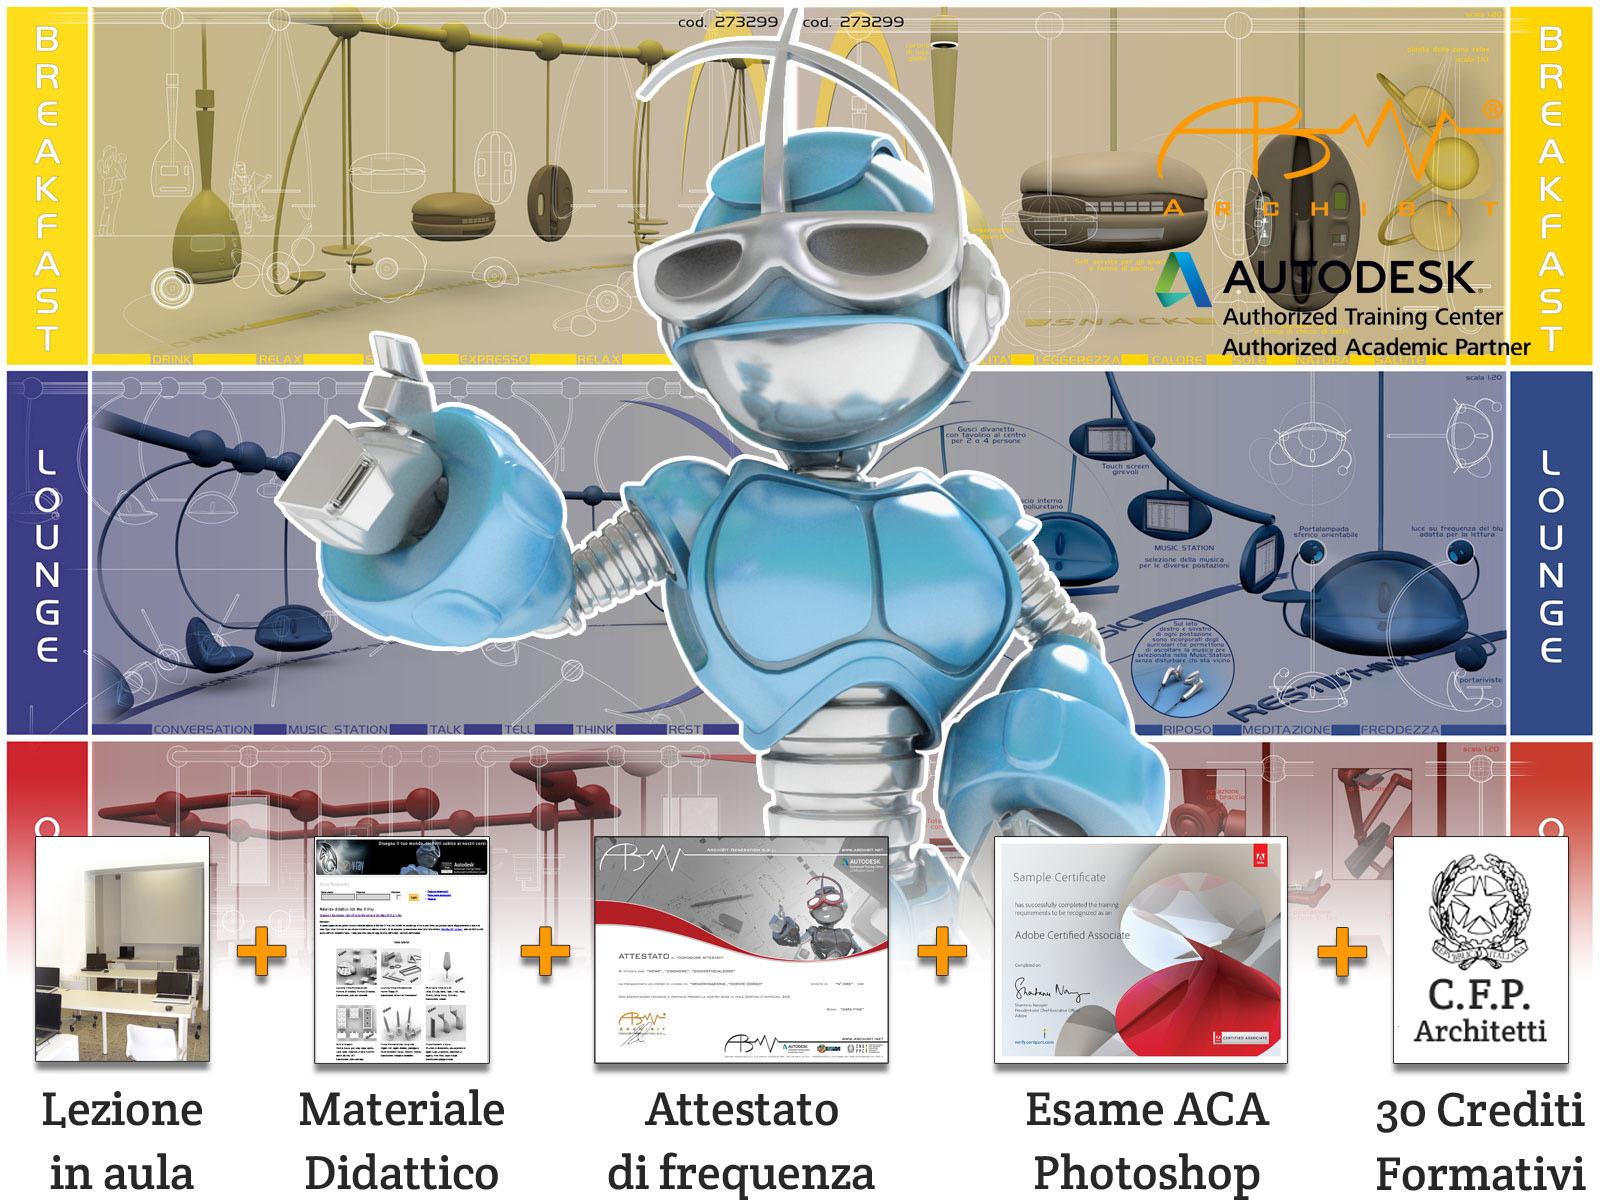 corso-photoshop-completo-certificazione-esame-aca-archibit-centro-corsi-adobe-certiport-roma